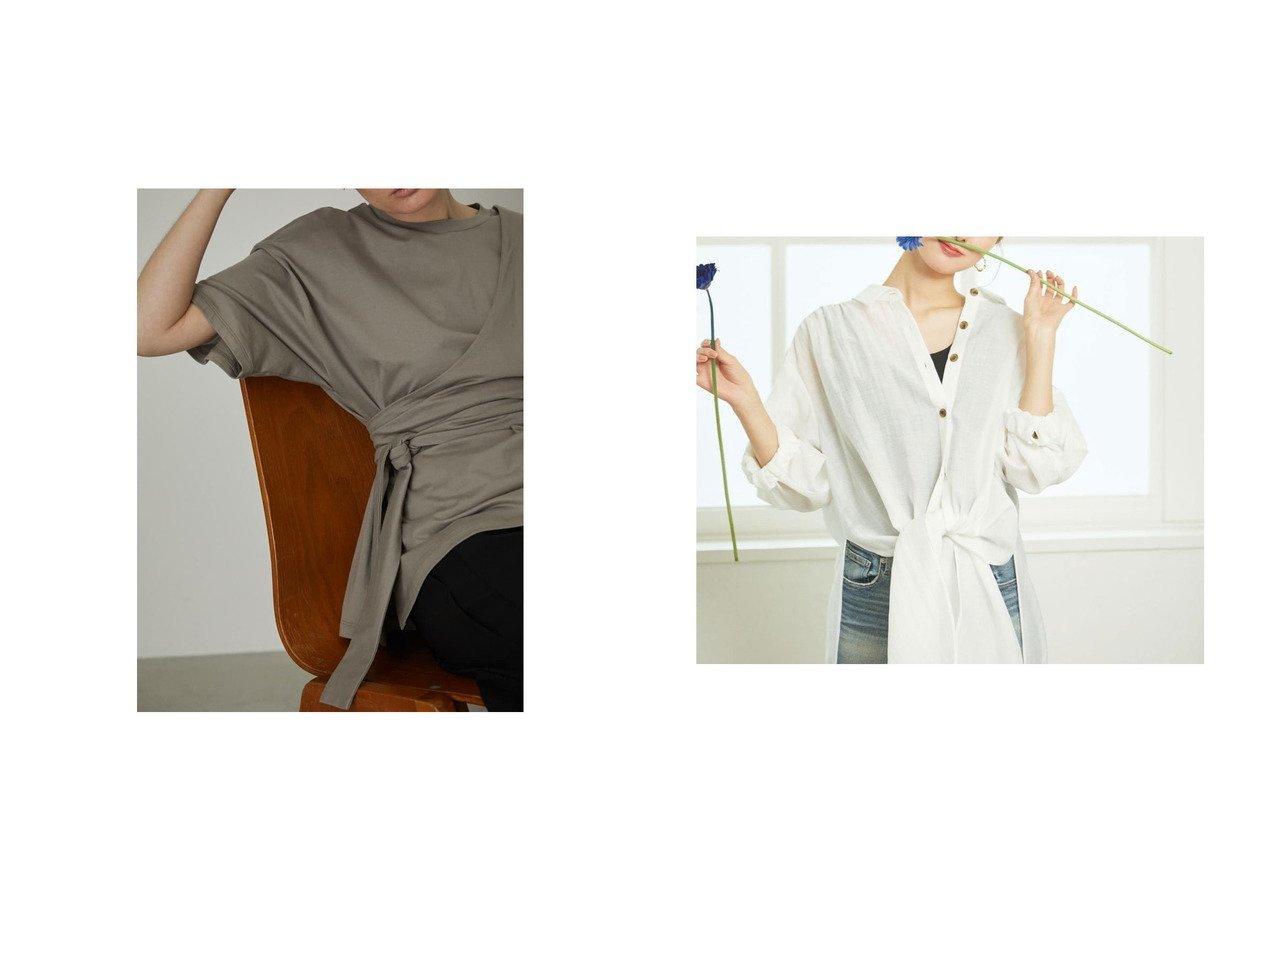 【RIM.ARK/リムアーク】のSH&【rienda/リエンダ】のオーバーロングSH MINT おすすめ!人気、トレンド・レディースファッションの通販 おすすめで人気の流行・トレンド、ファッションの通販商品 インテリア・家具・メンズファッション・キッズファッション・レディースファッション・服の通販 founy(ファニー) https://founy.com/ ファッション Fashion レディースファッション WOMEN 2021年 2021 2021春夏・S/S SS/Spring/Summer/2021 S/S・春夏 SS・Spring/Summer シンプル ベスト ペプラム ボックス 春 Spring  ID:crp329100000044377